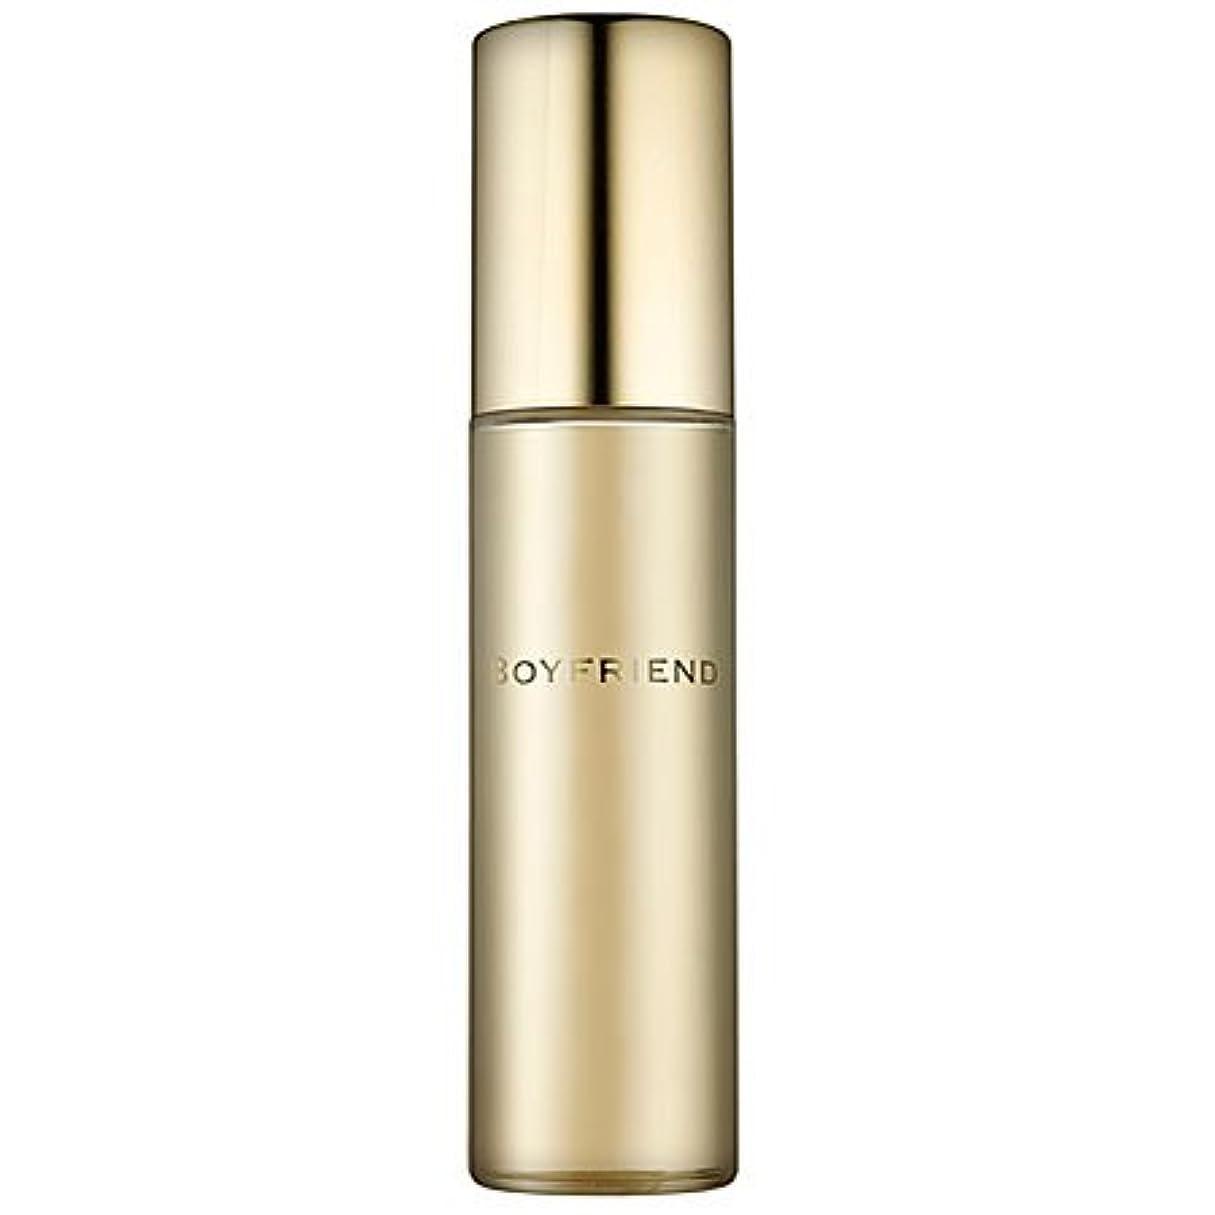 実験的起こる苦いBoyfriend (ボーイフレンド) 3.38 oz (100ml) Dry Body Oil Spray by Kate Walsh for Women